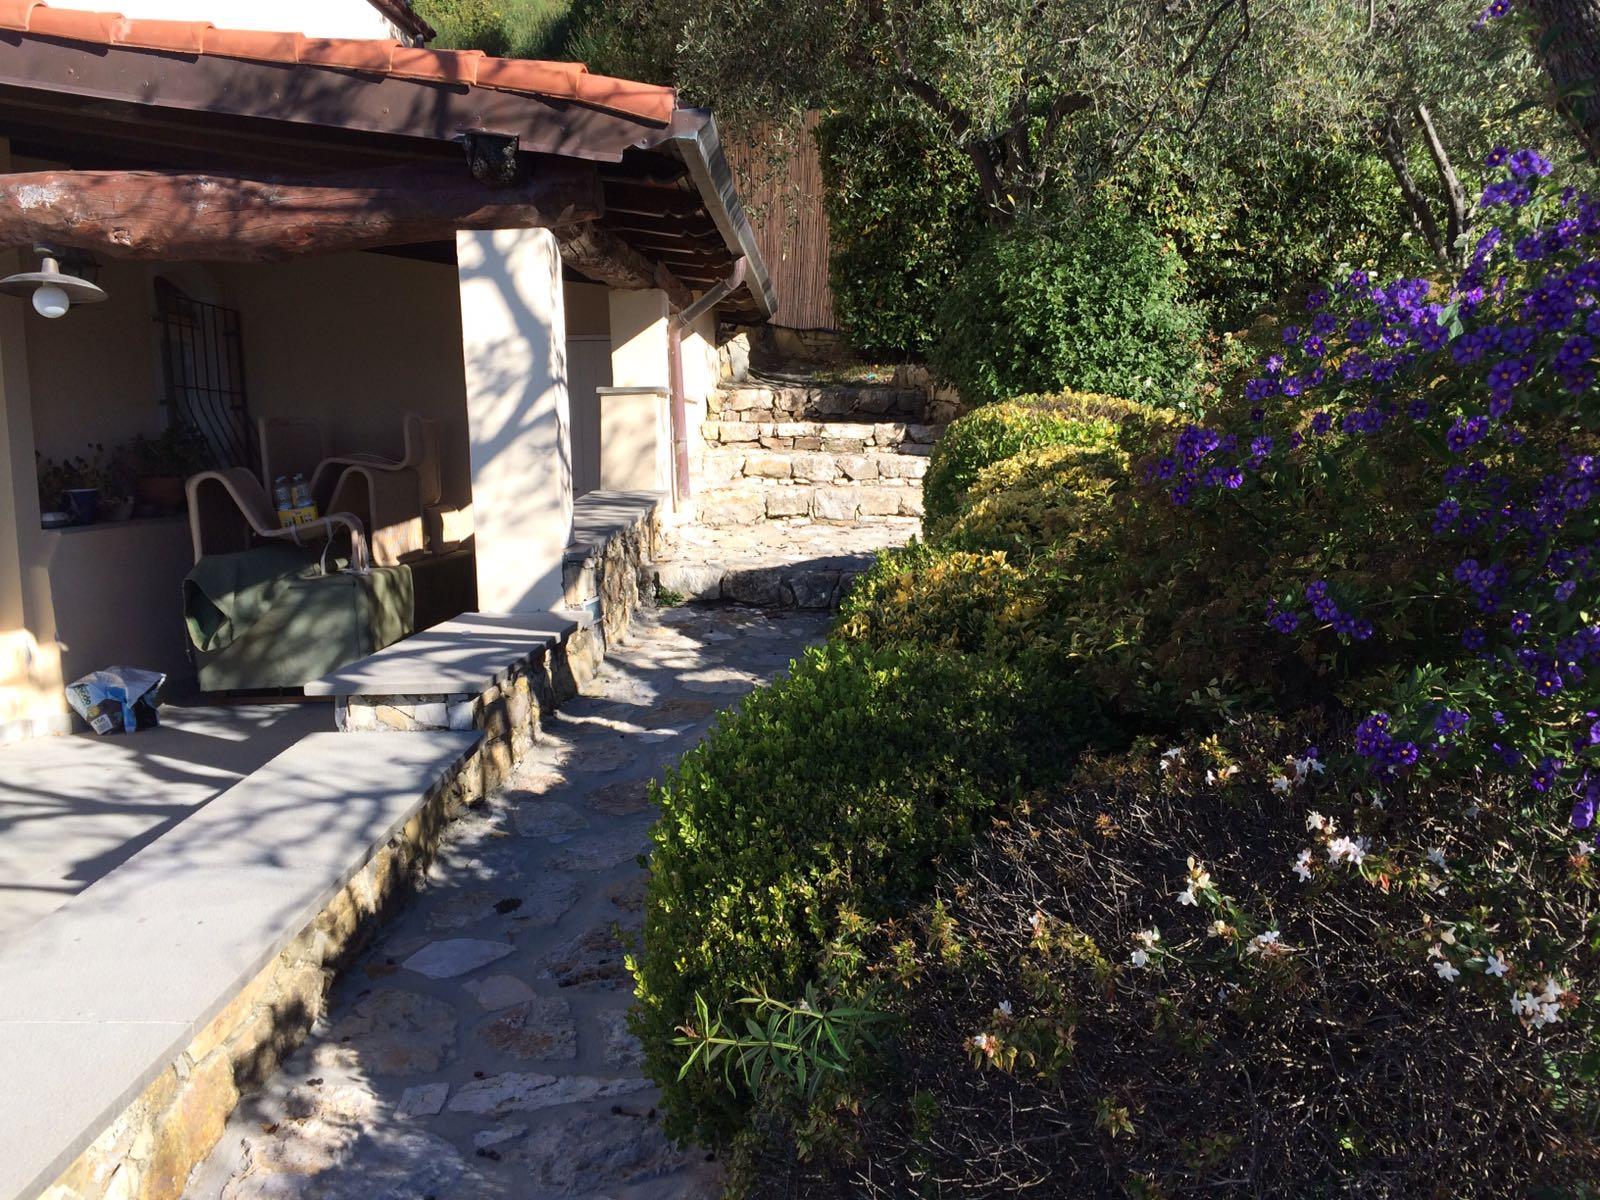 1. Percorso pedonale con scalinate rivestite di pietra naturale rustica: stato di fatto.